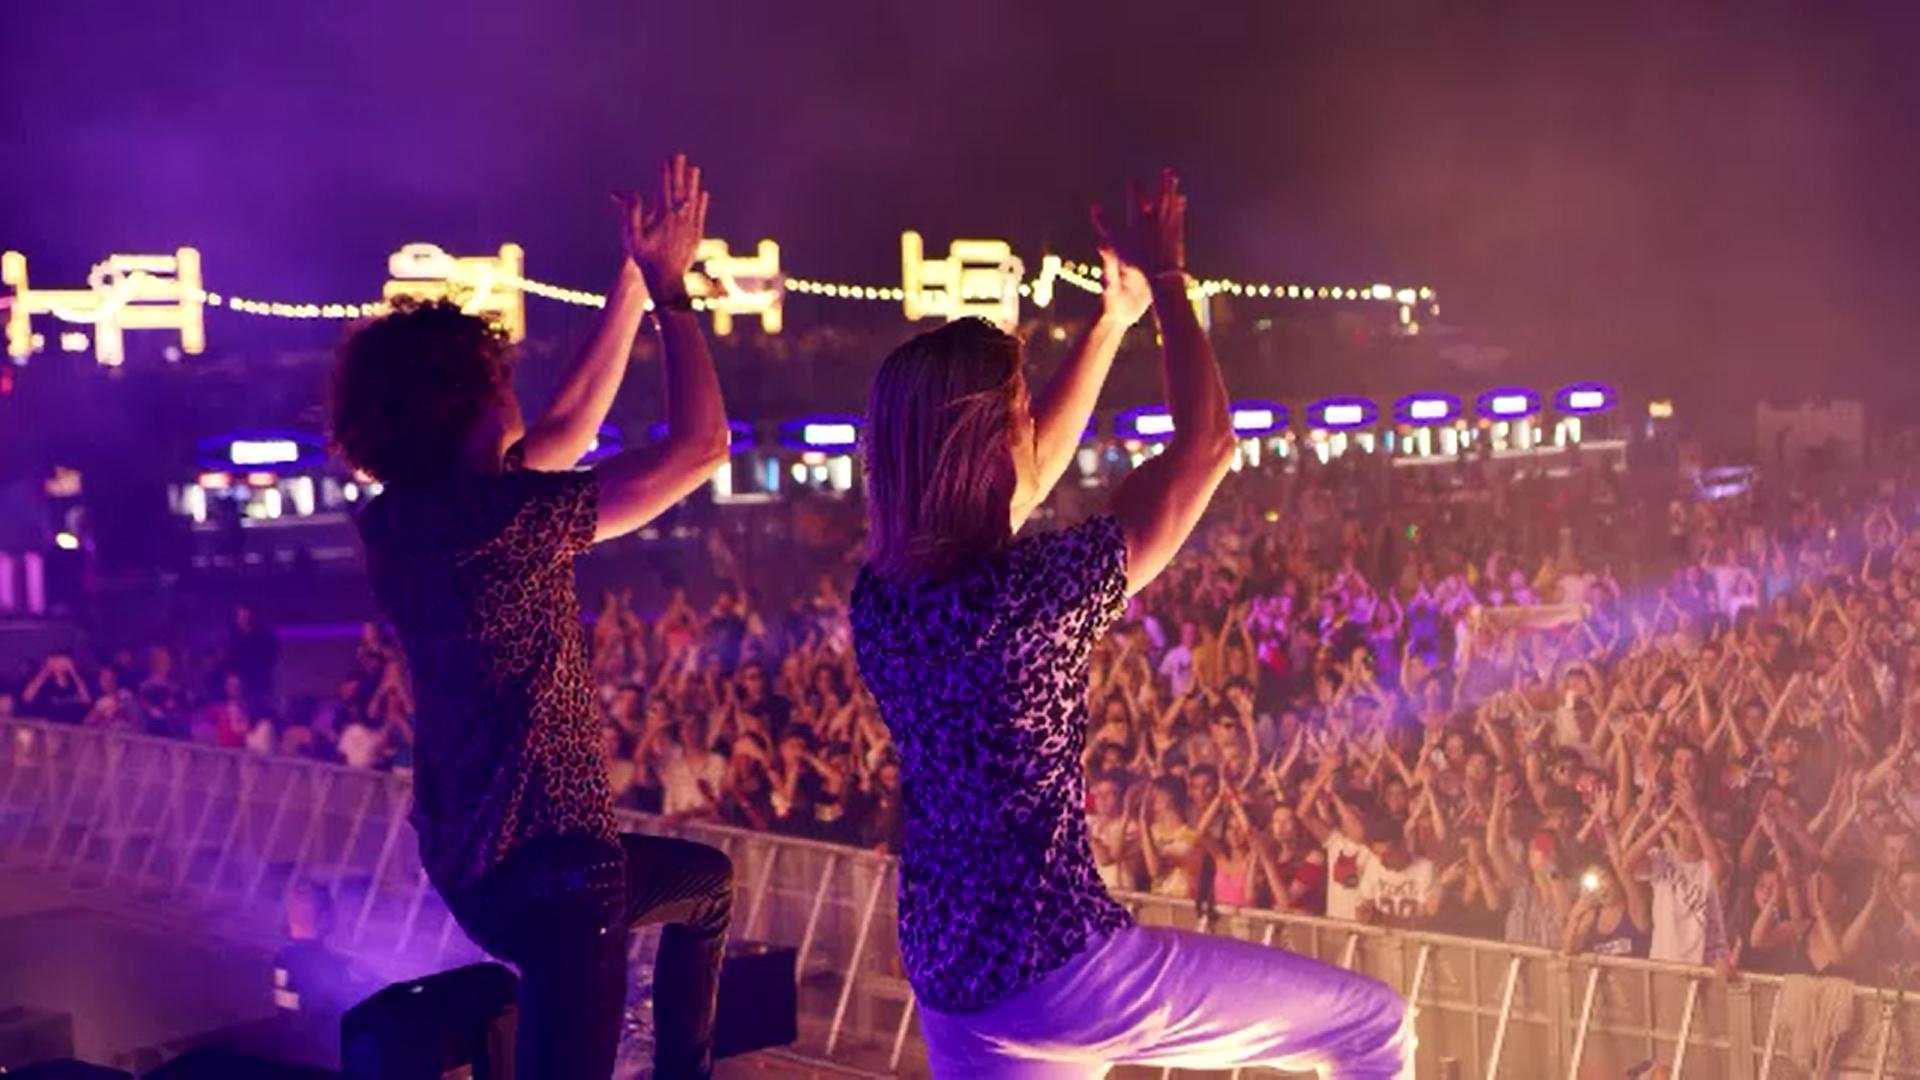 4 zile până la UNTOLD. Peste 200 de DJ-i și artiști de top internaționali se pregătesc să facă super show